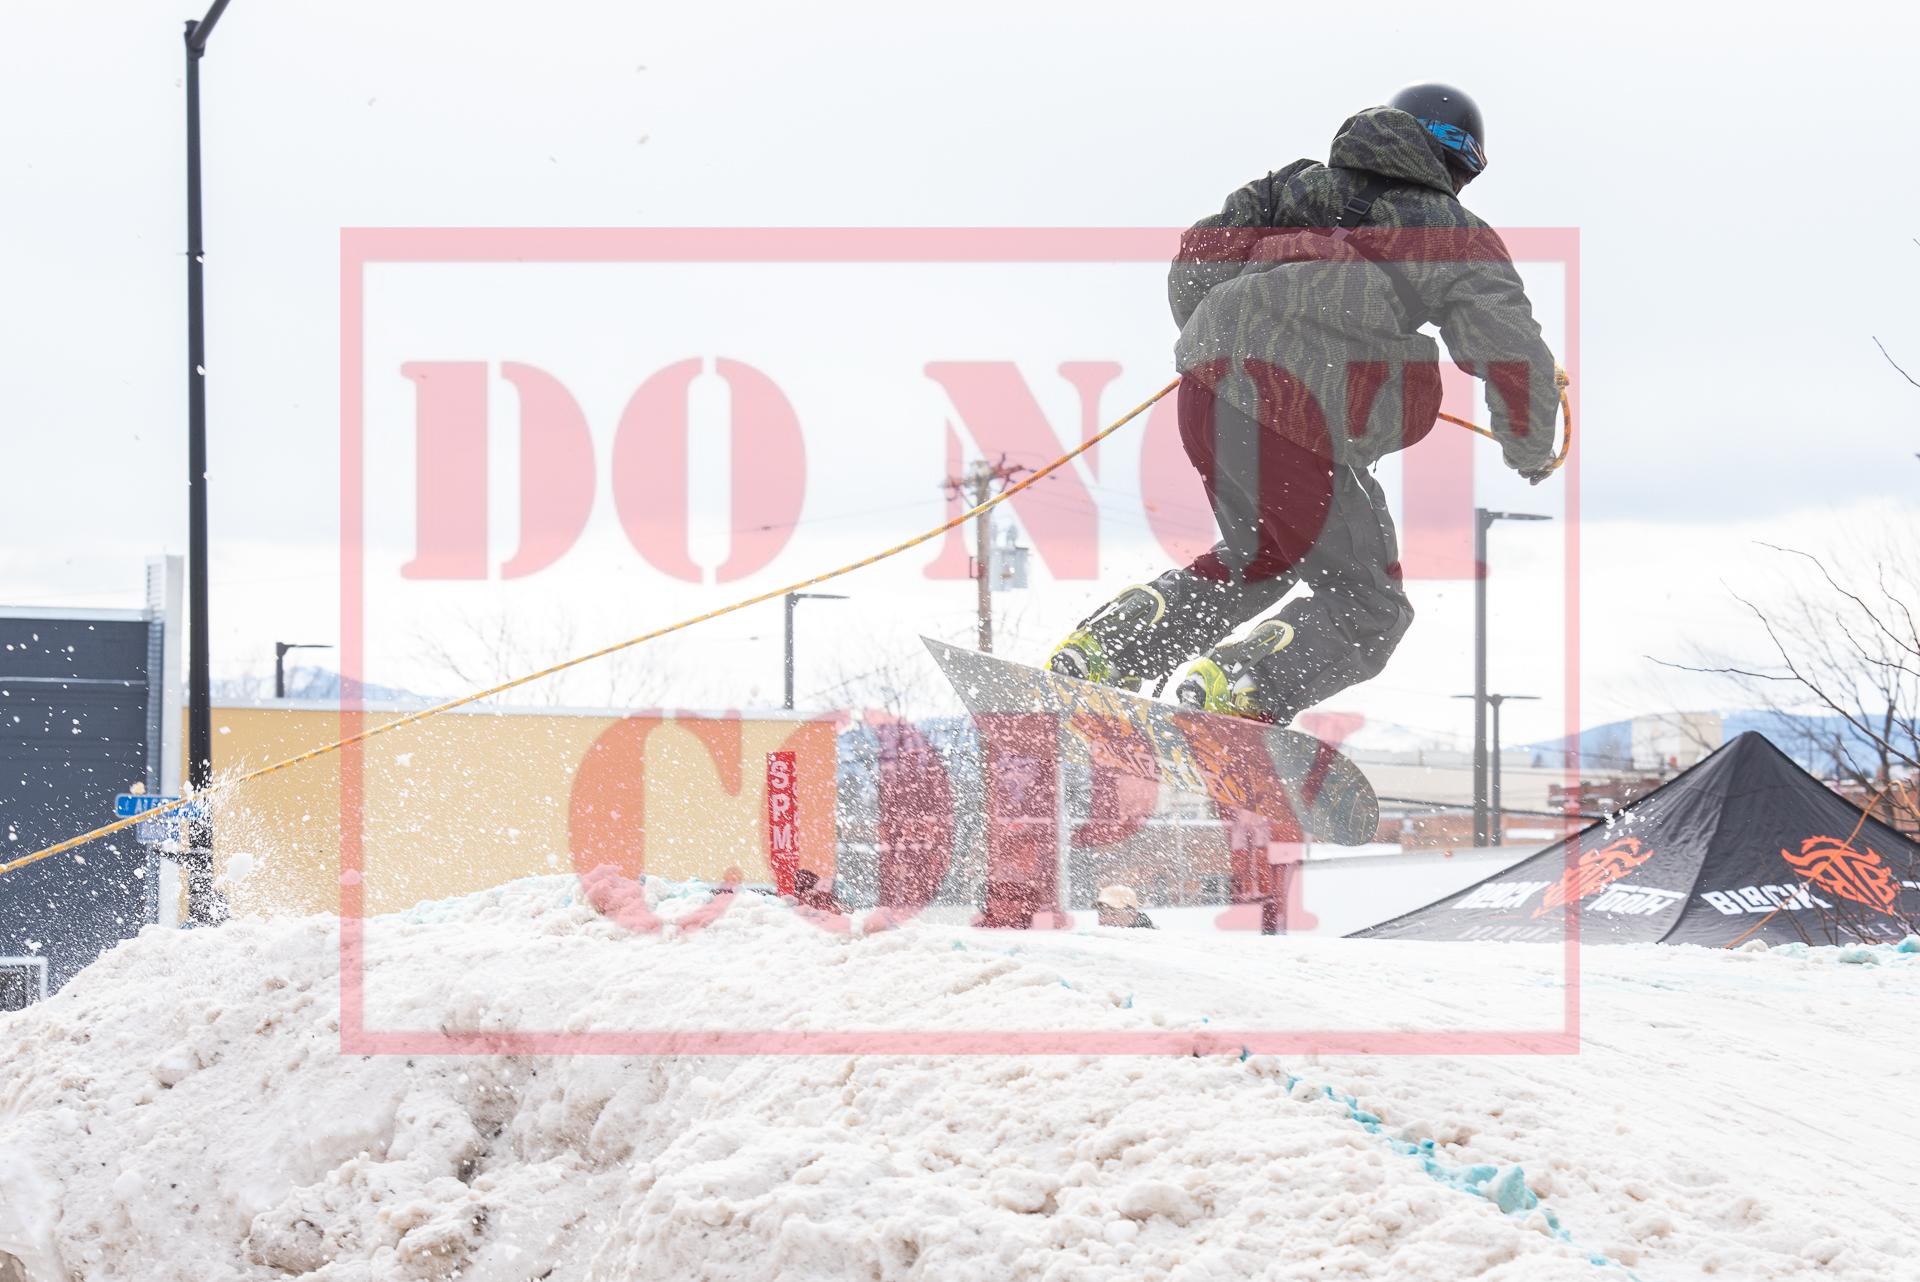 - Zane Huntley - Snowboard 8